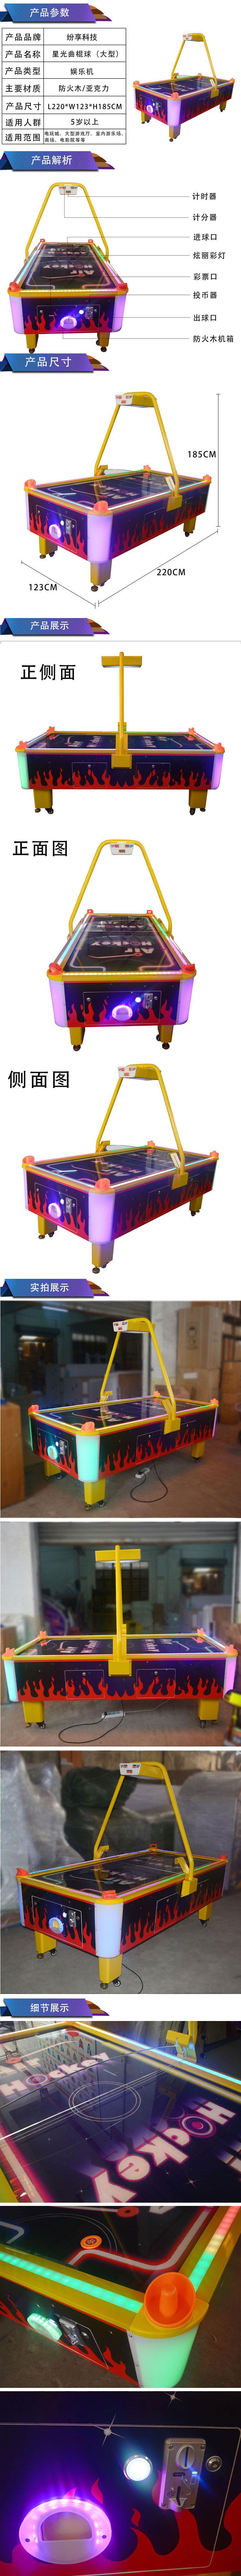 星光曲棍球游戏机